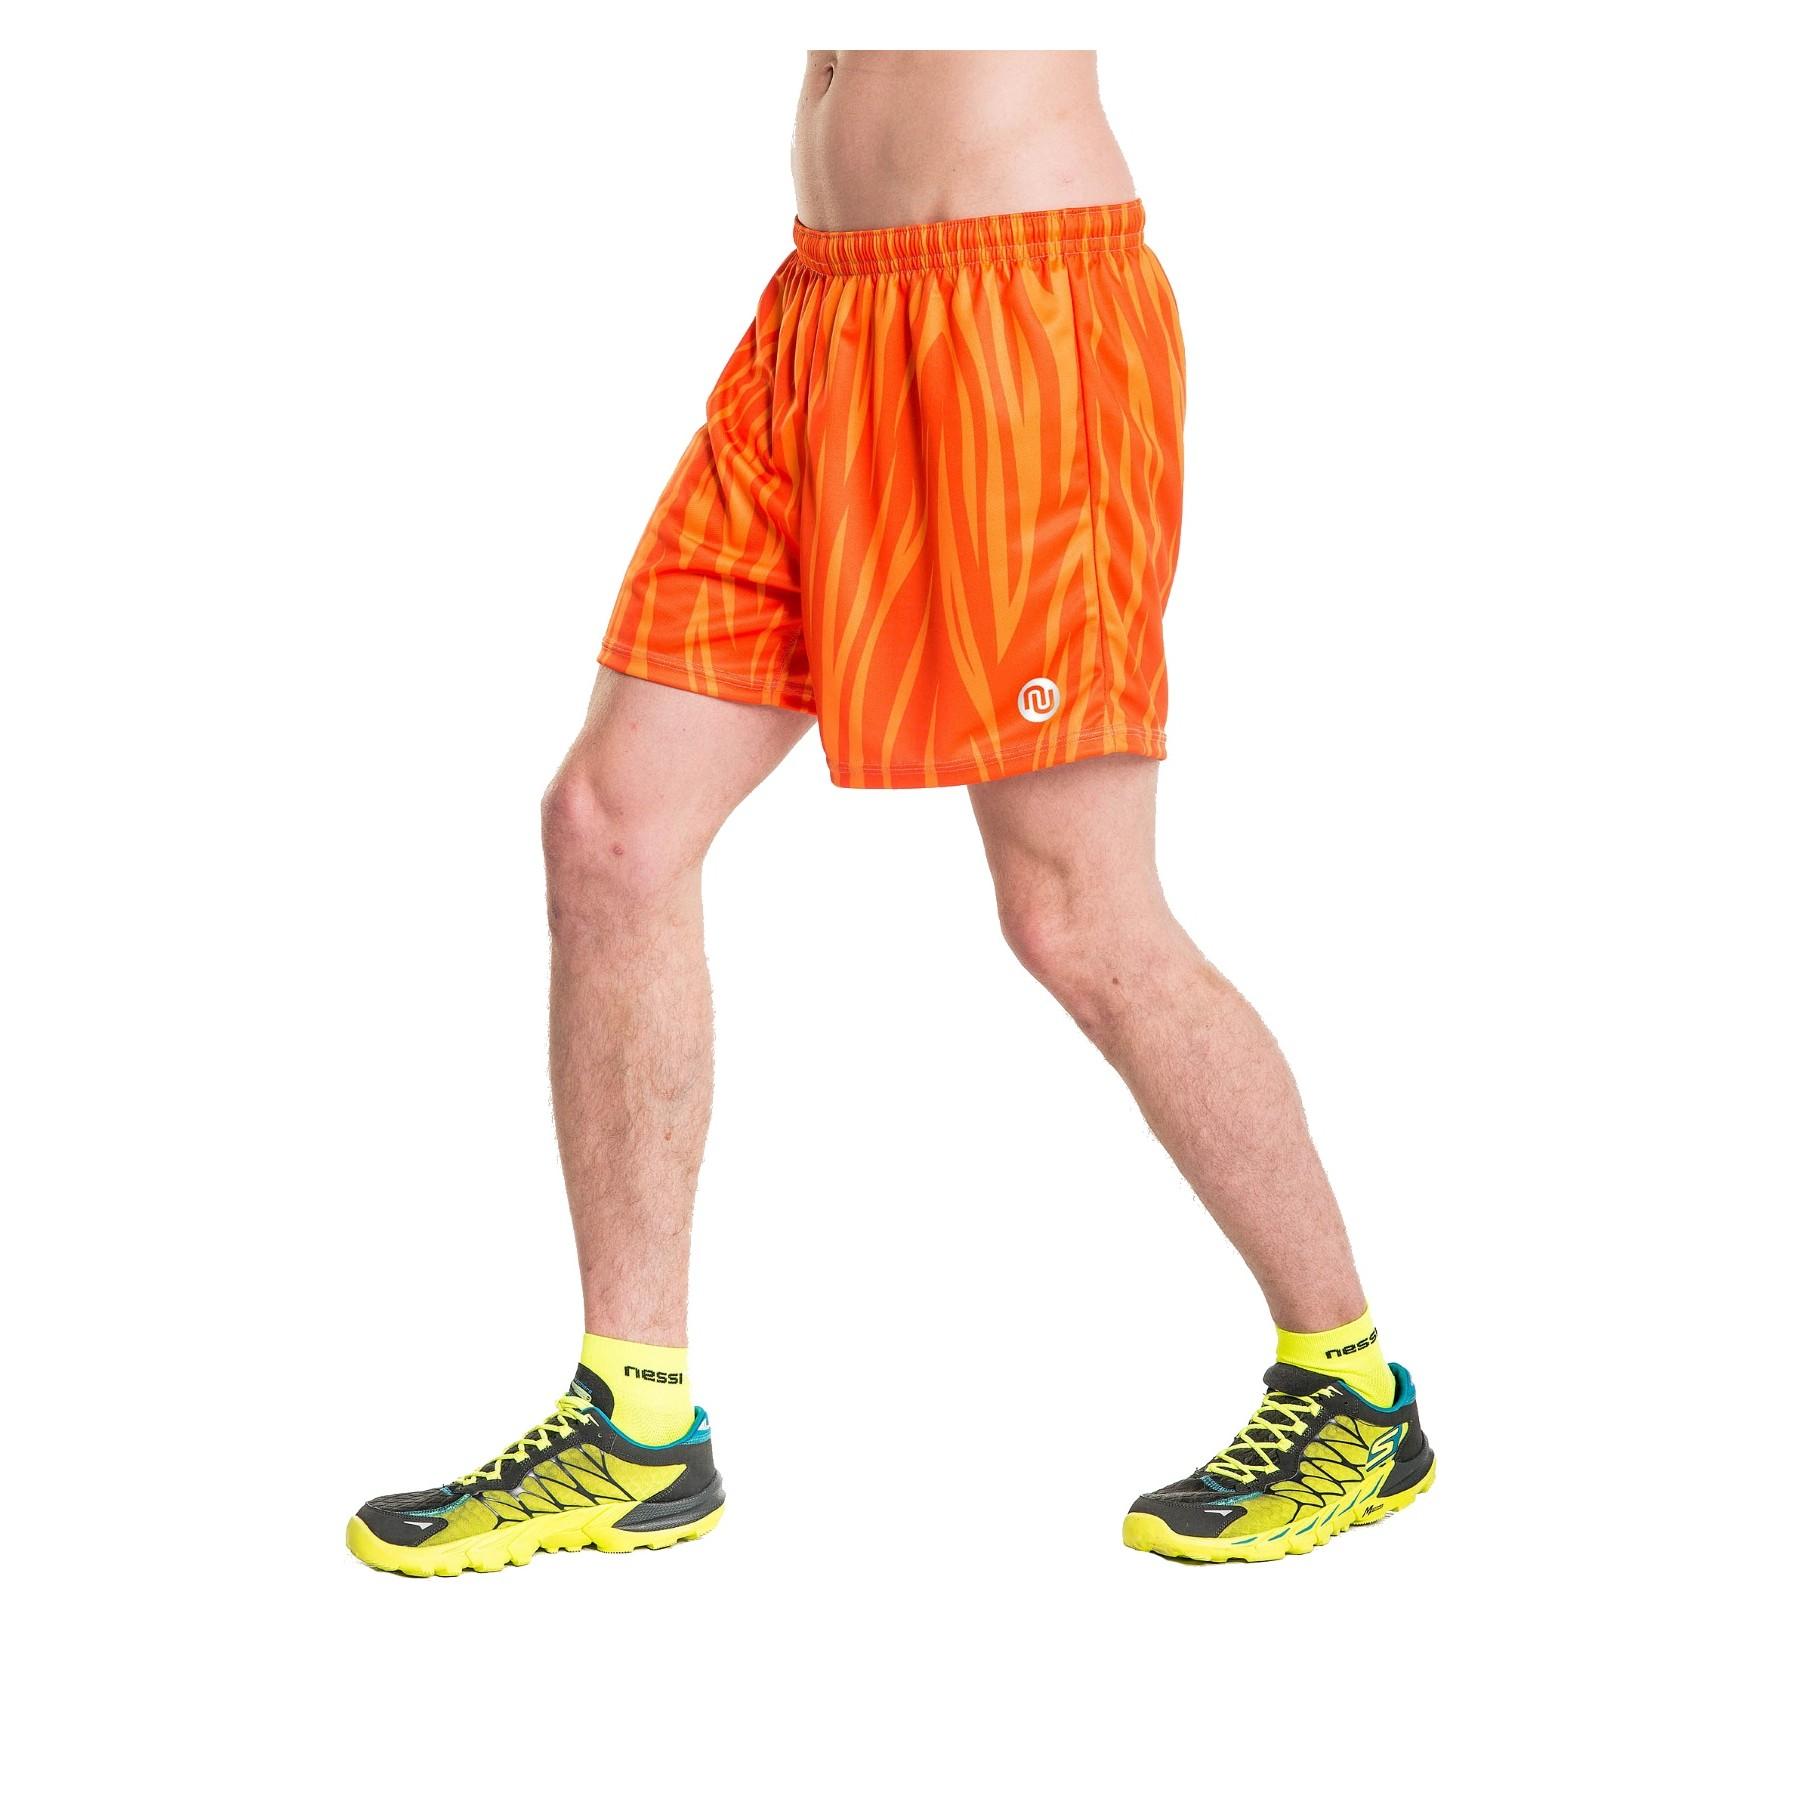 Herren Kurze Sporthose Leggings Shorts Fitness Trainingshose OCR SMMASH ATOMIZE